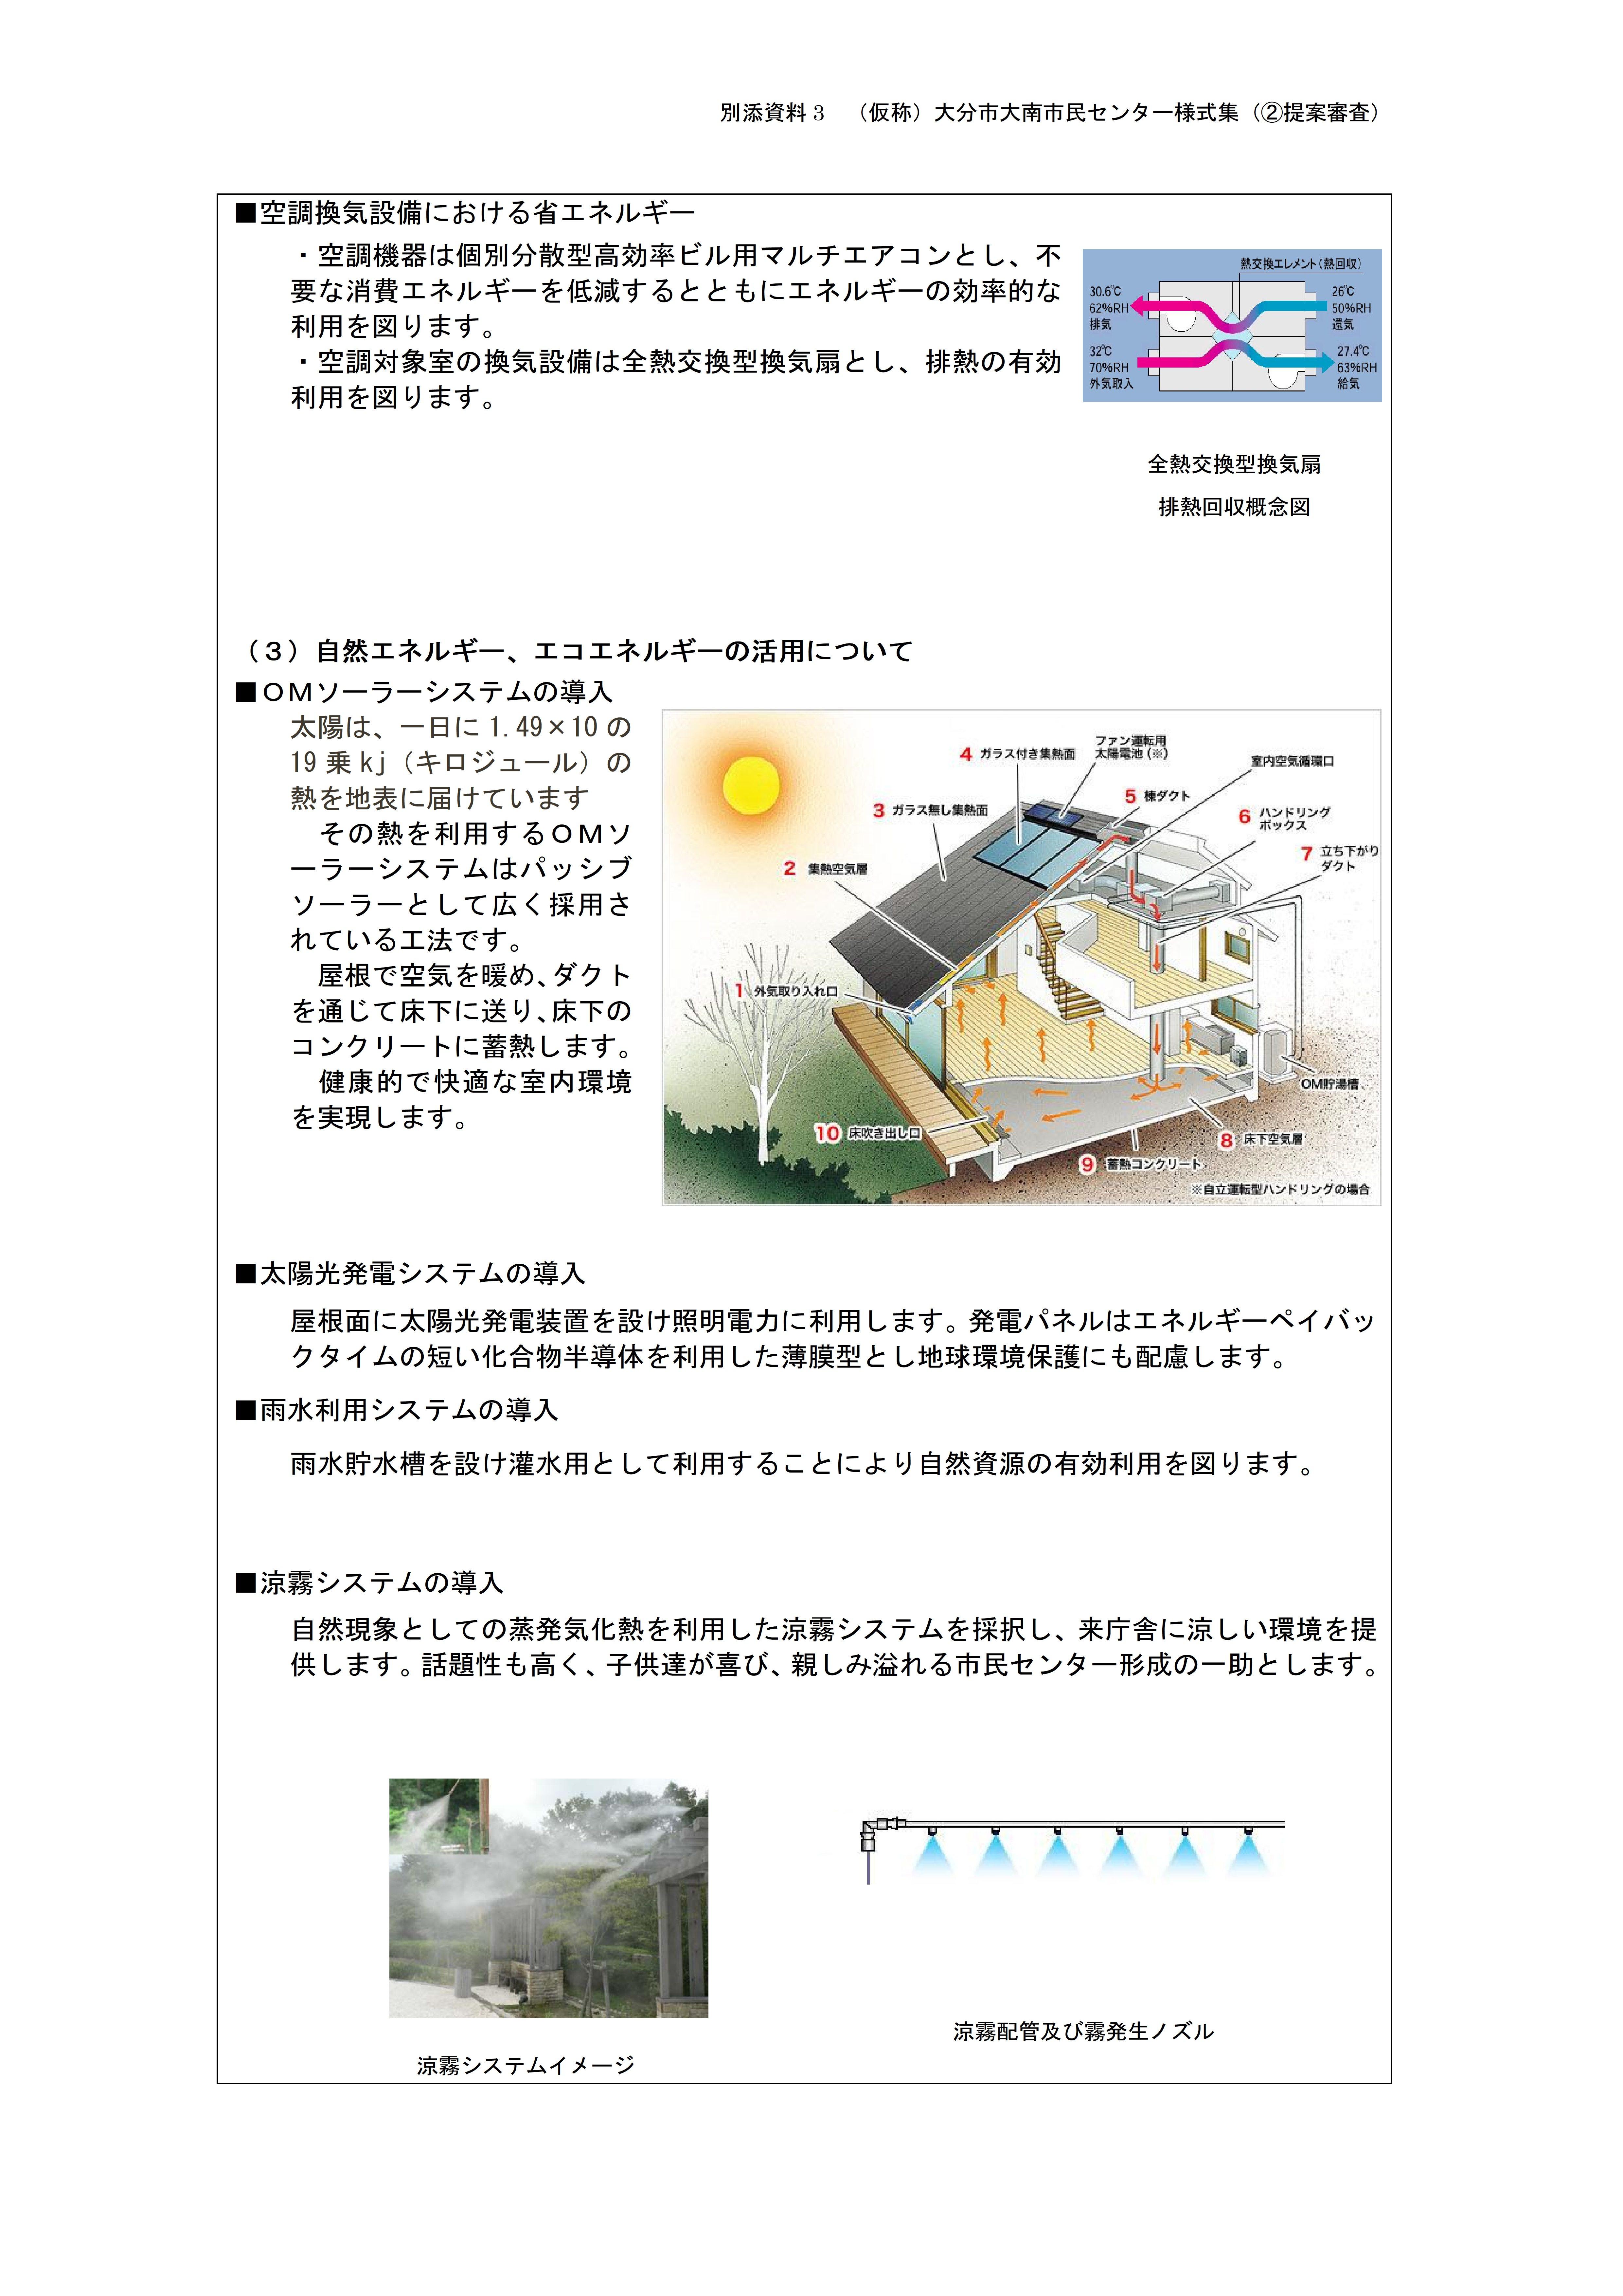 24 設計提出書類(最終)-15